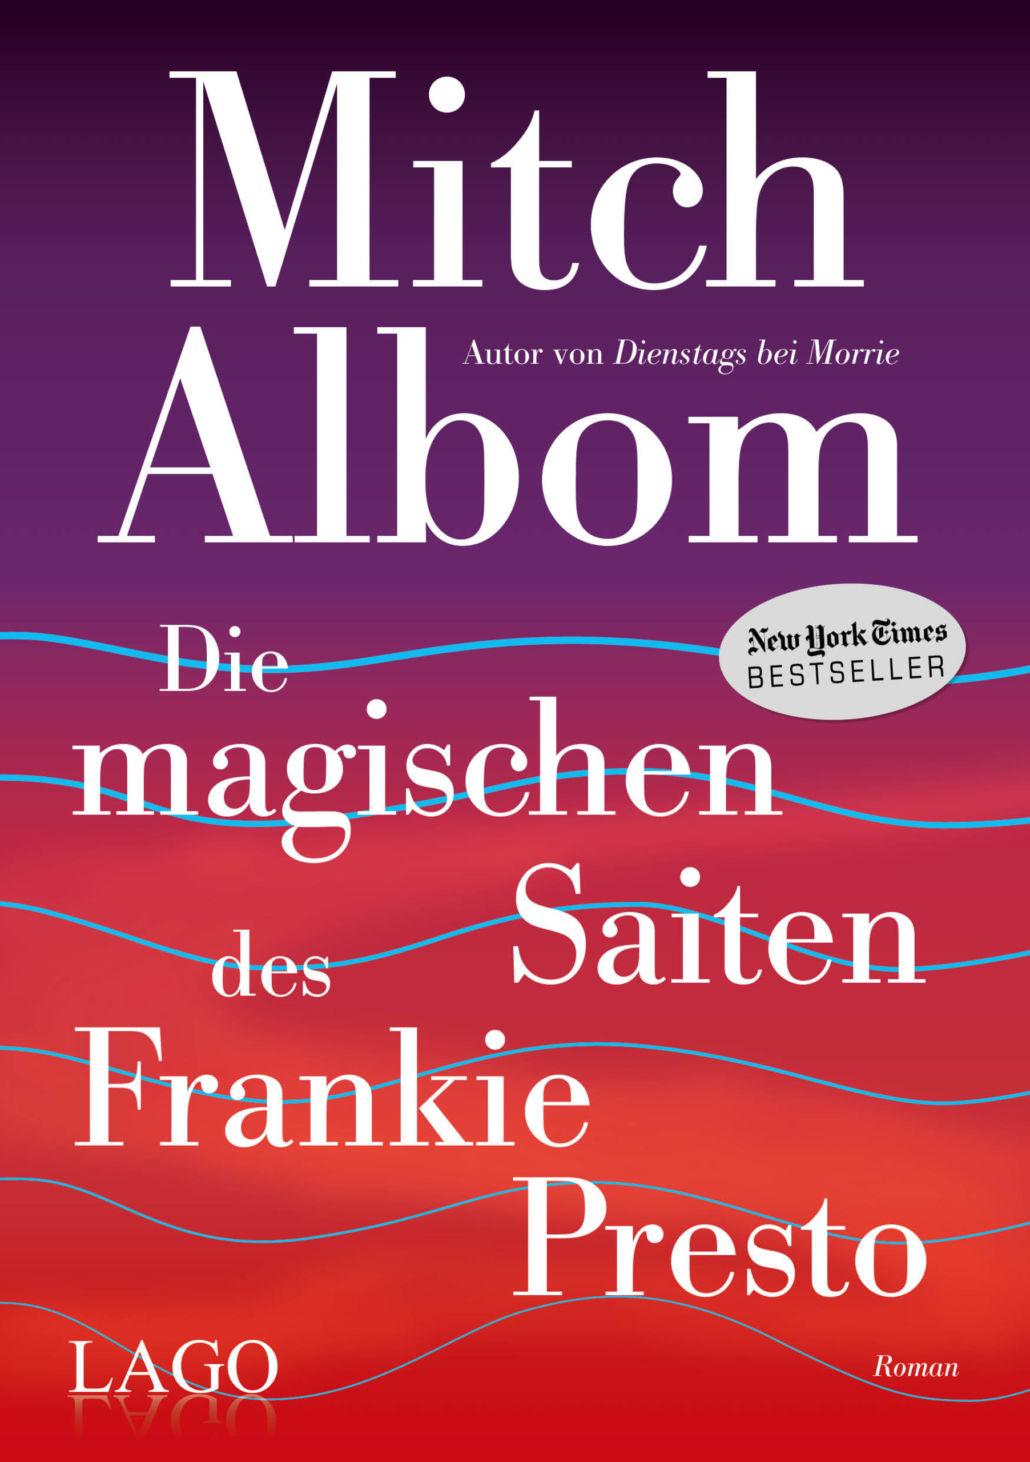 Mitch Albom: Die magischen Saiten des Frankie Presto